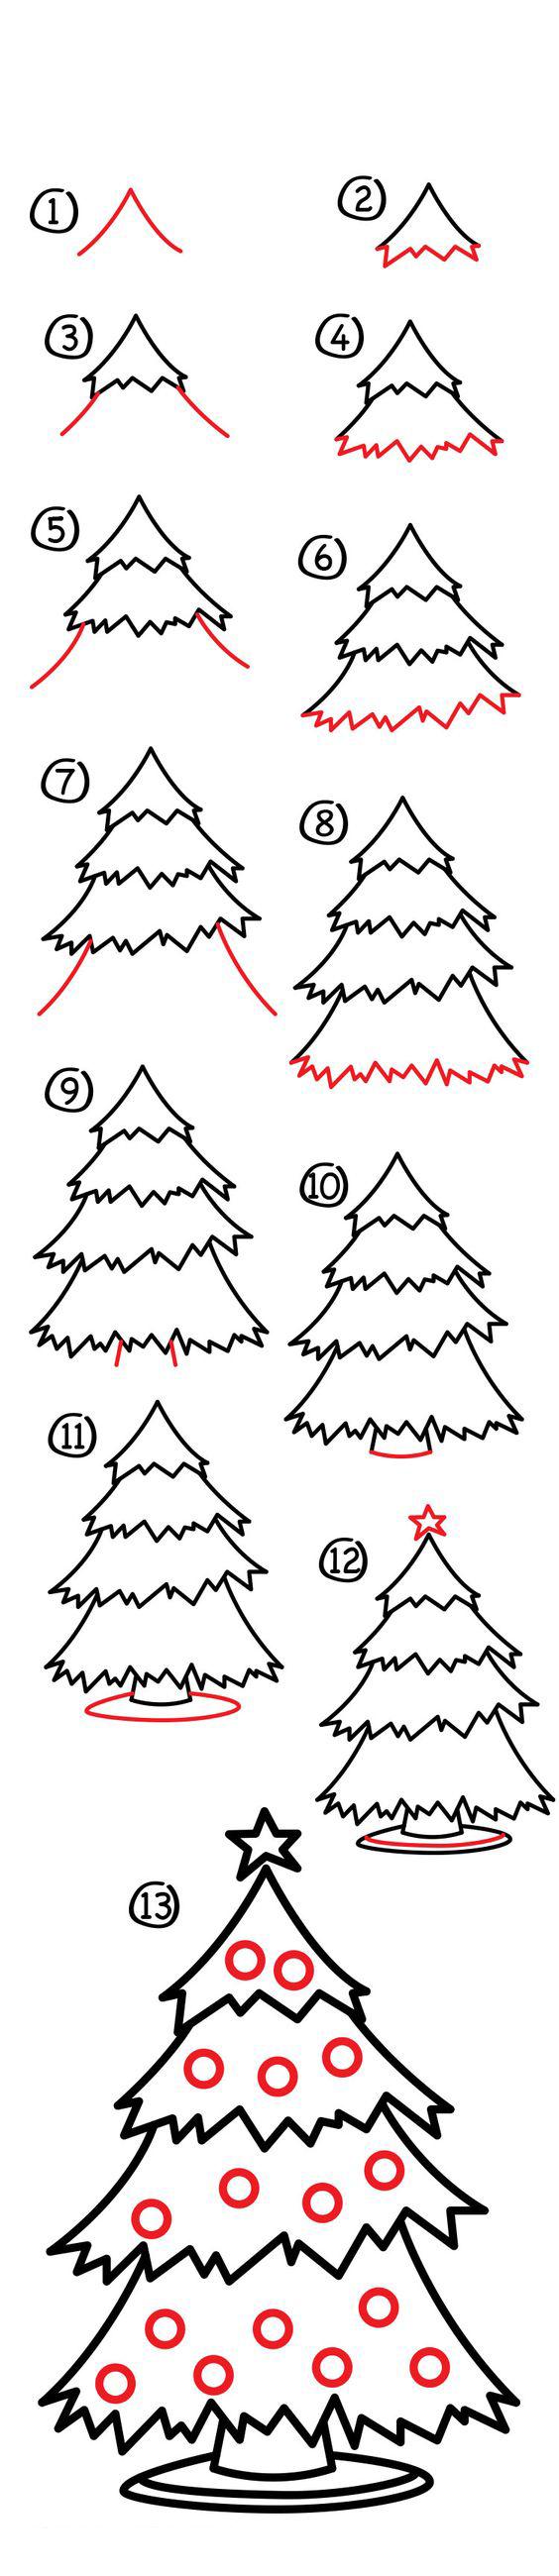 رسم بابا نويل للاطفال و رسم شجرة بابا نويل وعربة بابا نويل تعلم